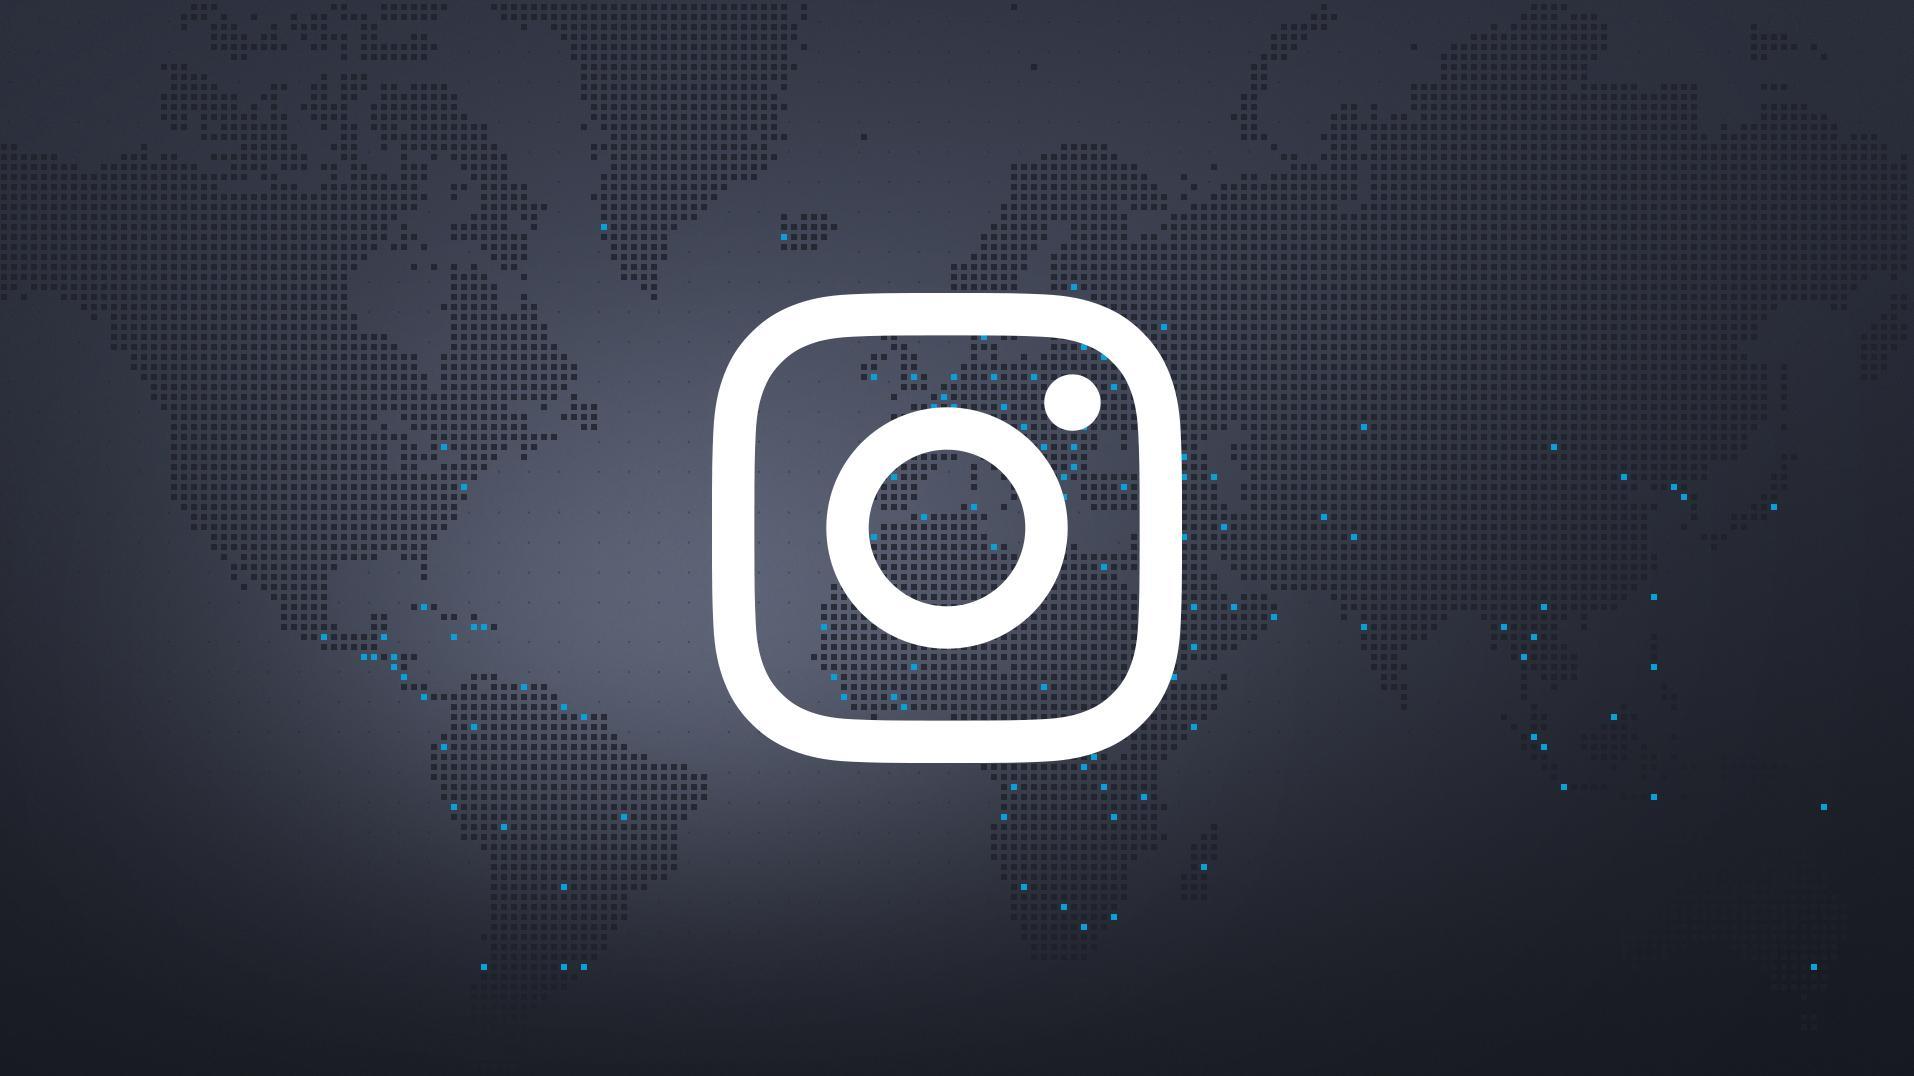 Instagram-Logo auf Weltkarte im schwarz-blauen BR24-Design